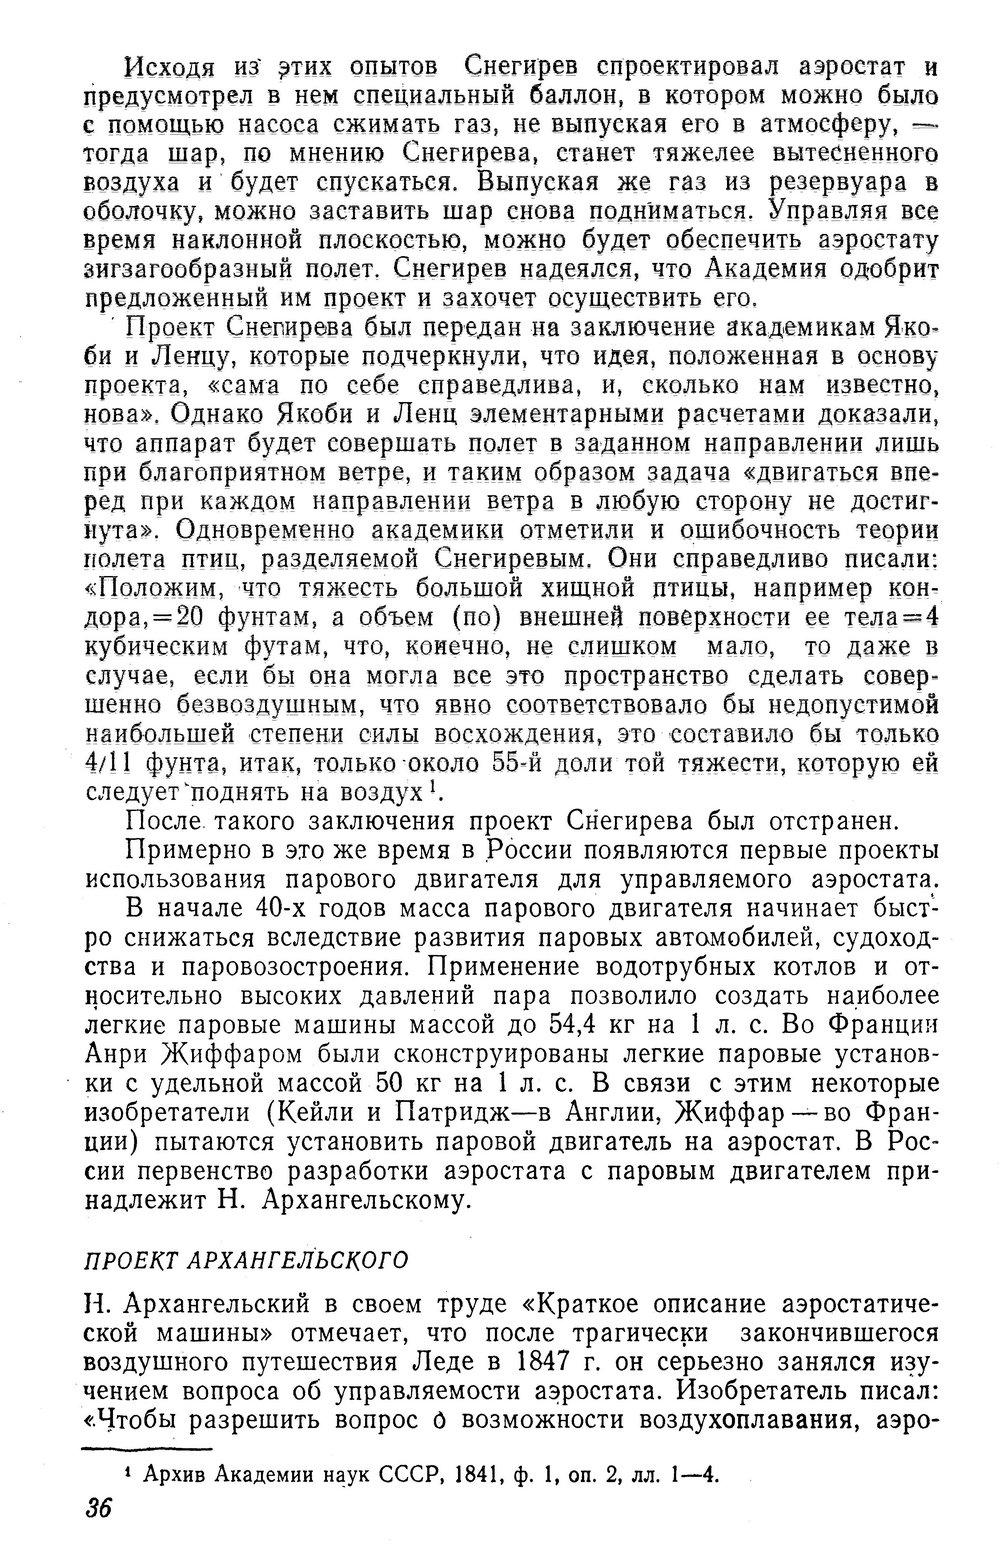 http://images.vfl.ru/ii/1367587555/3d303069/2270398.jpg